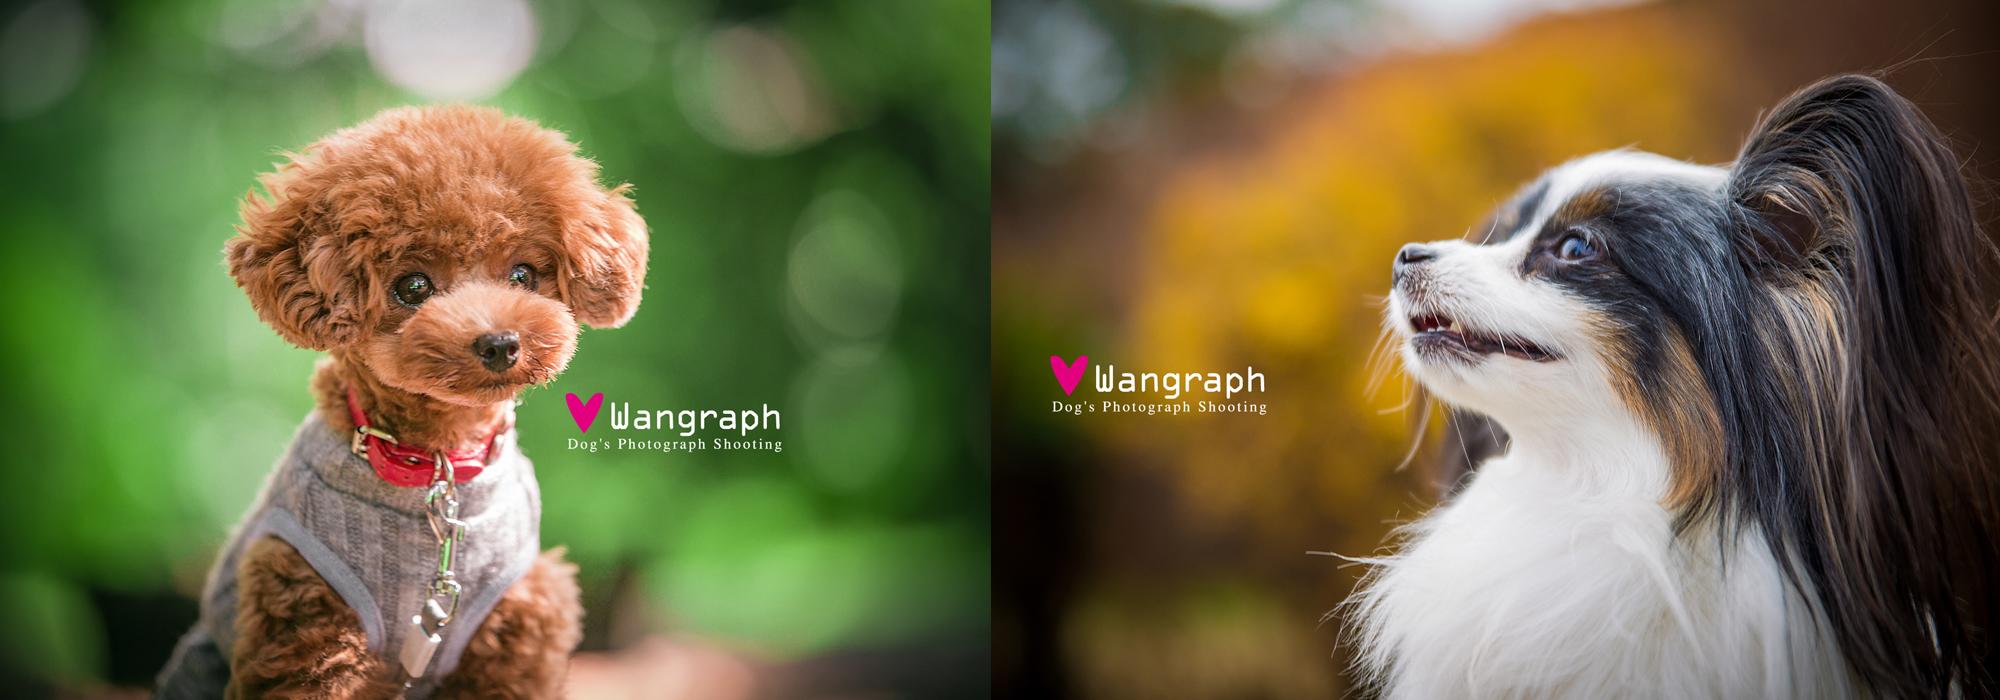 Wangraph愛犬撮影・実践カメラ教室